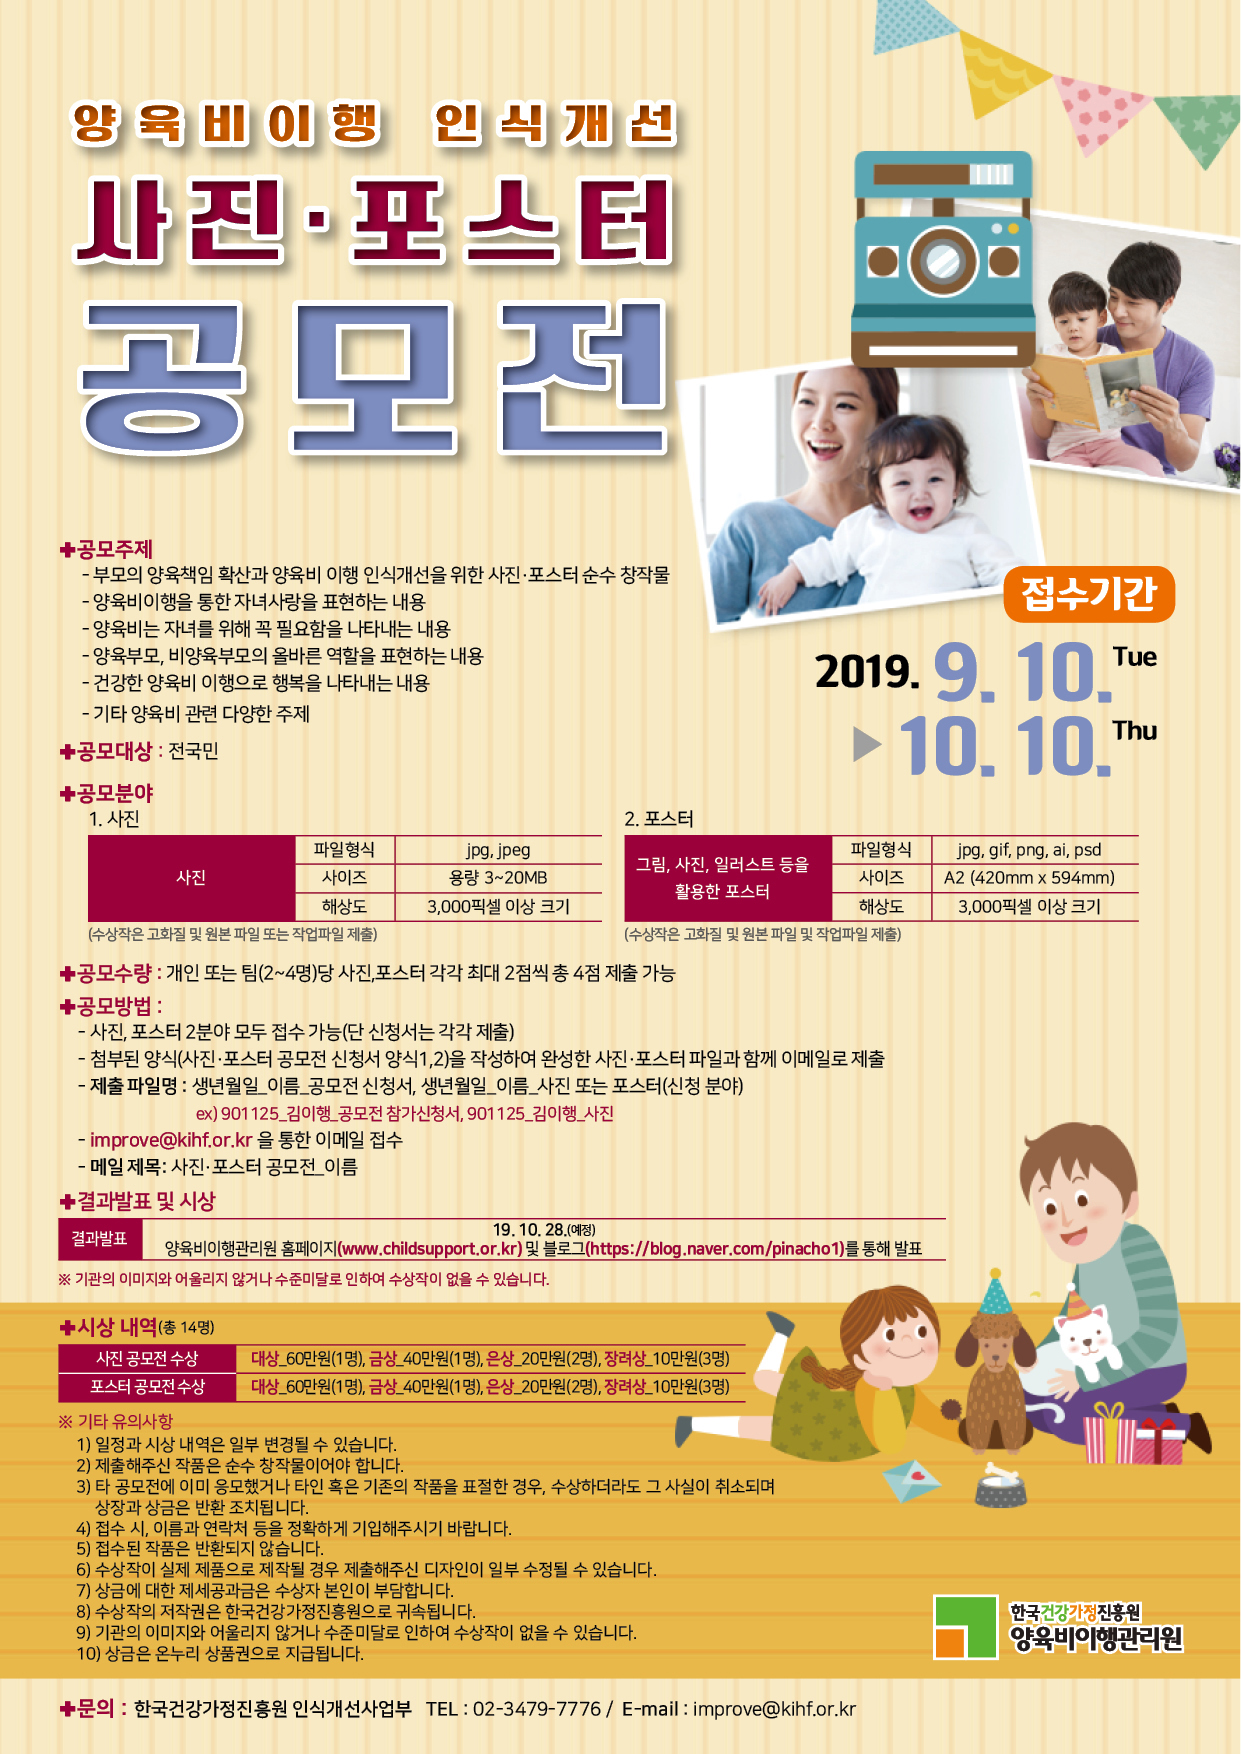 2019년 양육비이행 인식개선 사진·포스터 공모전